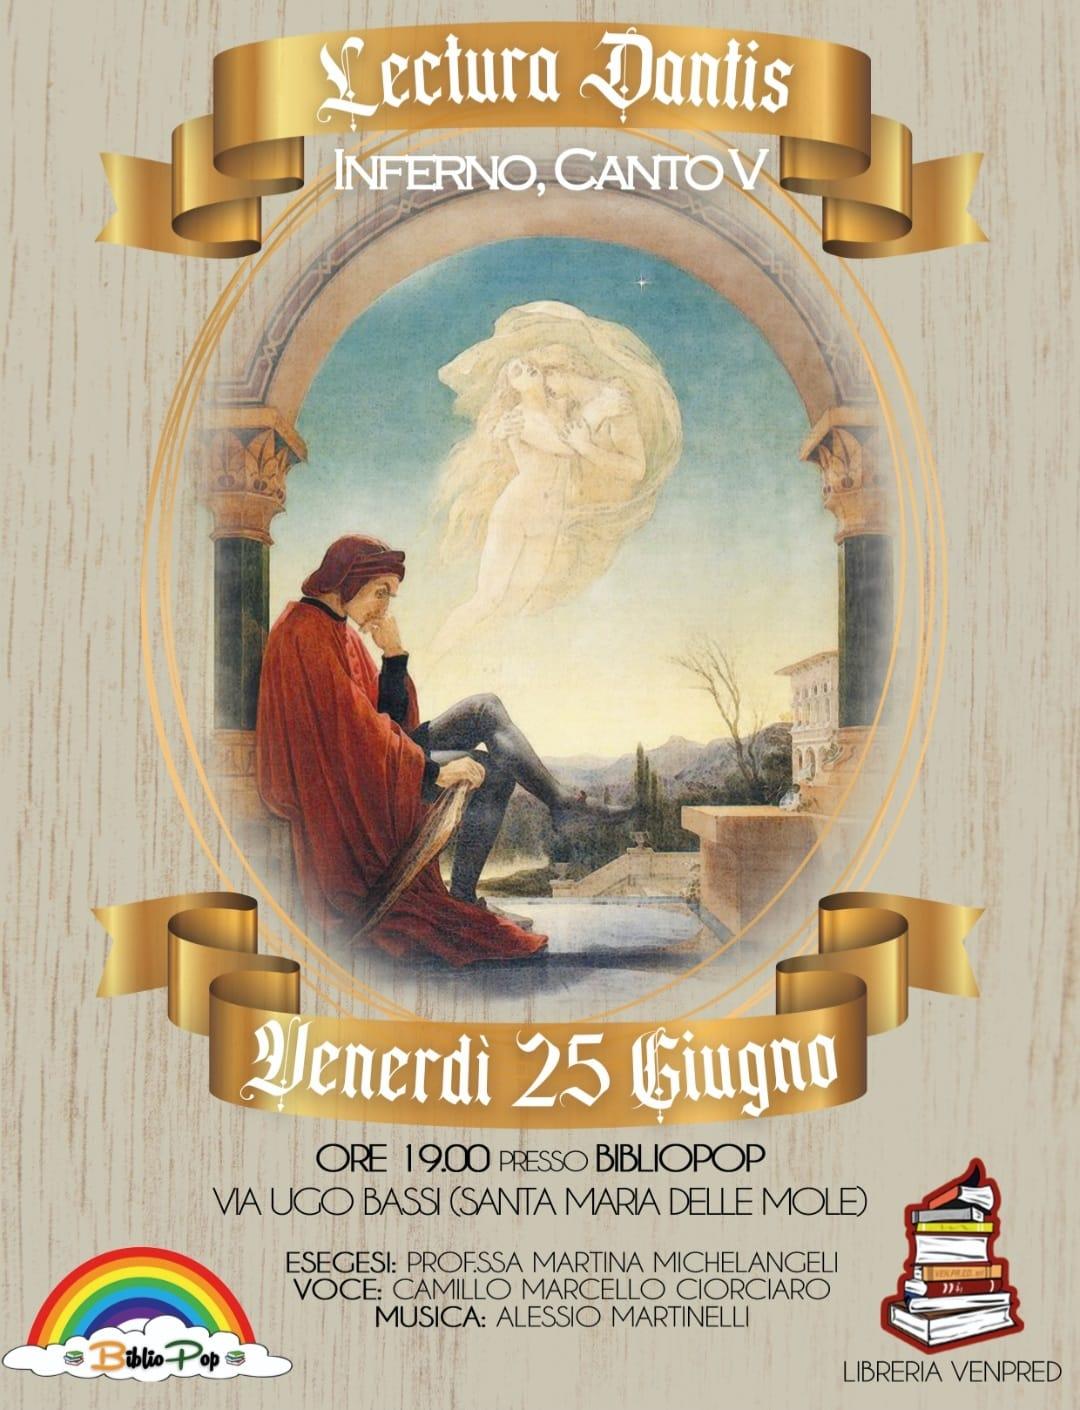 Marino, BiblioPop ospita la Lectura Dantis del V canto dell'Inferno